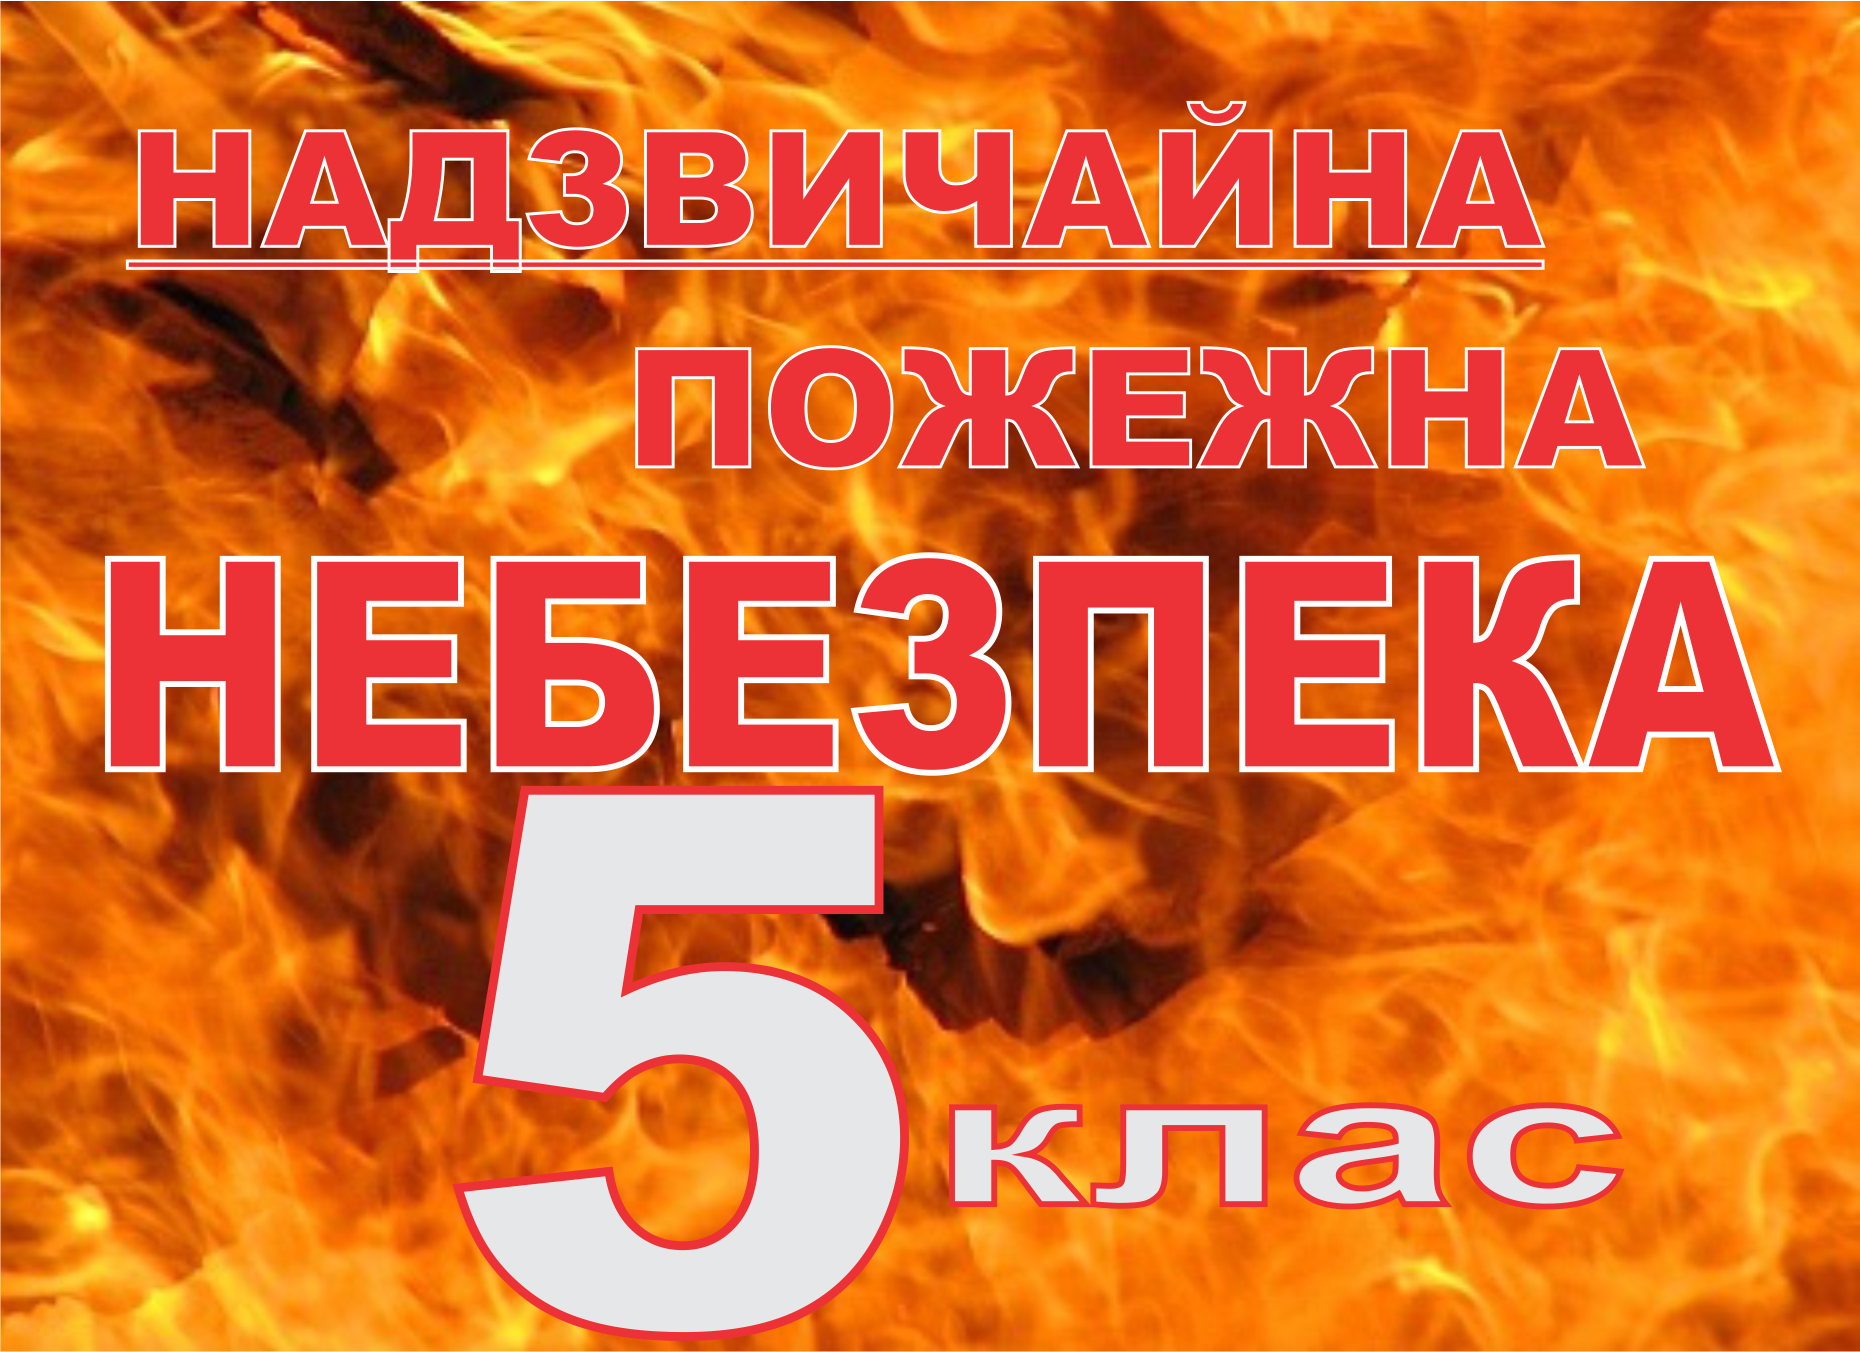 Безымянный-14354